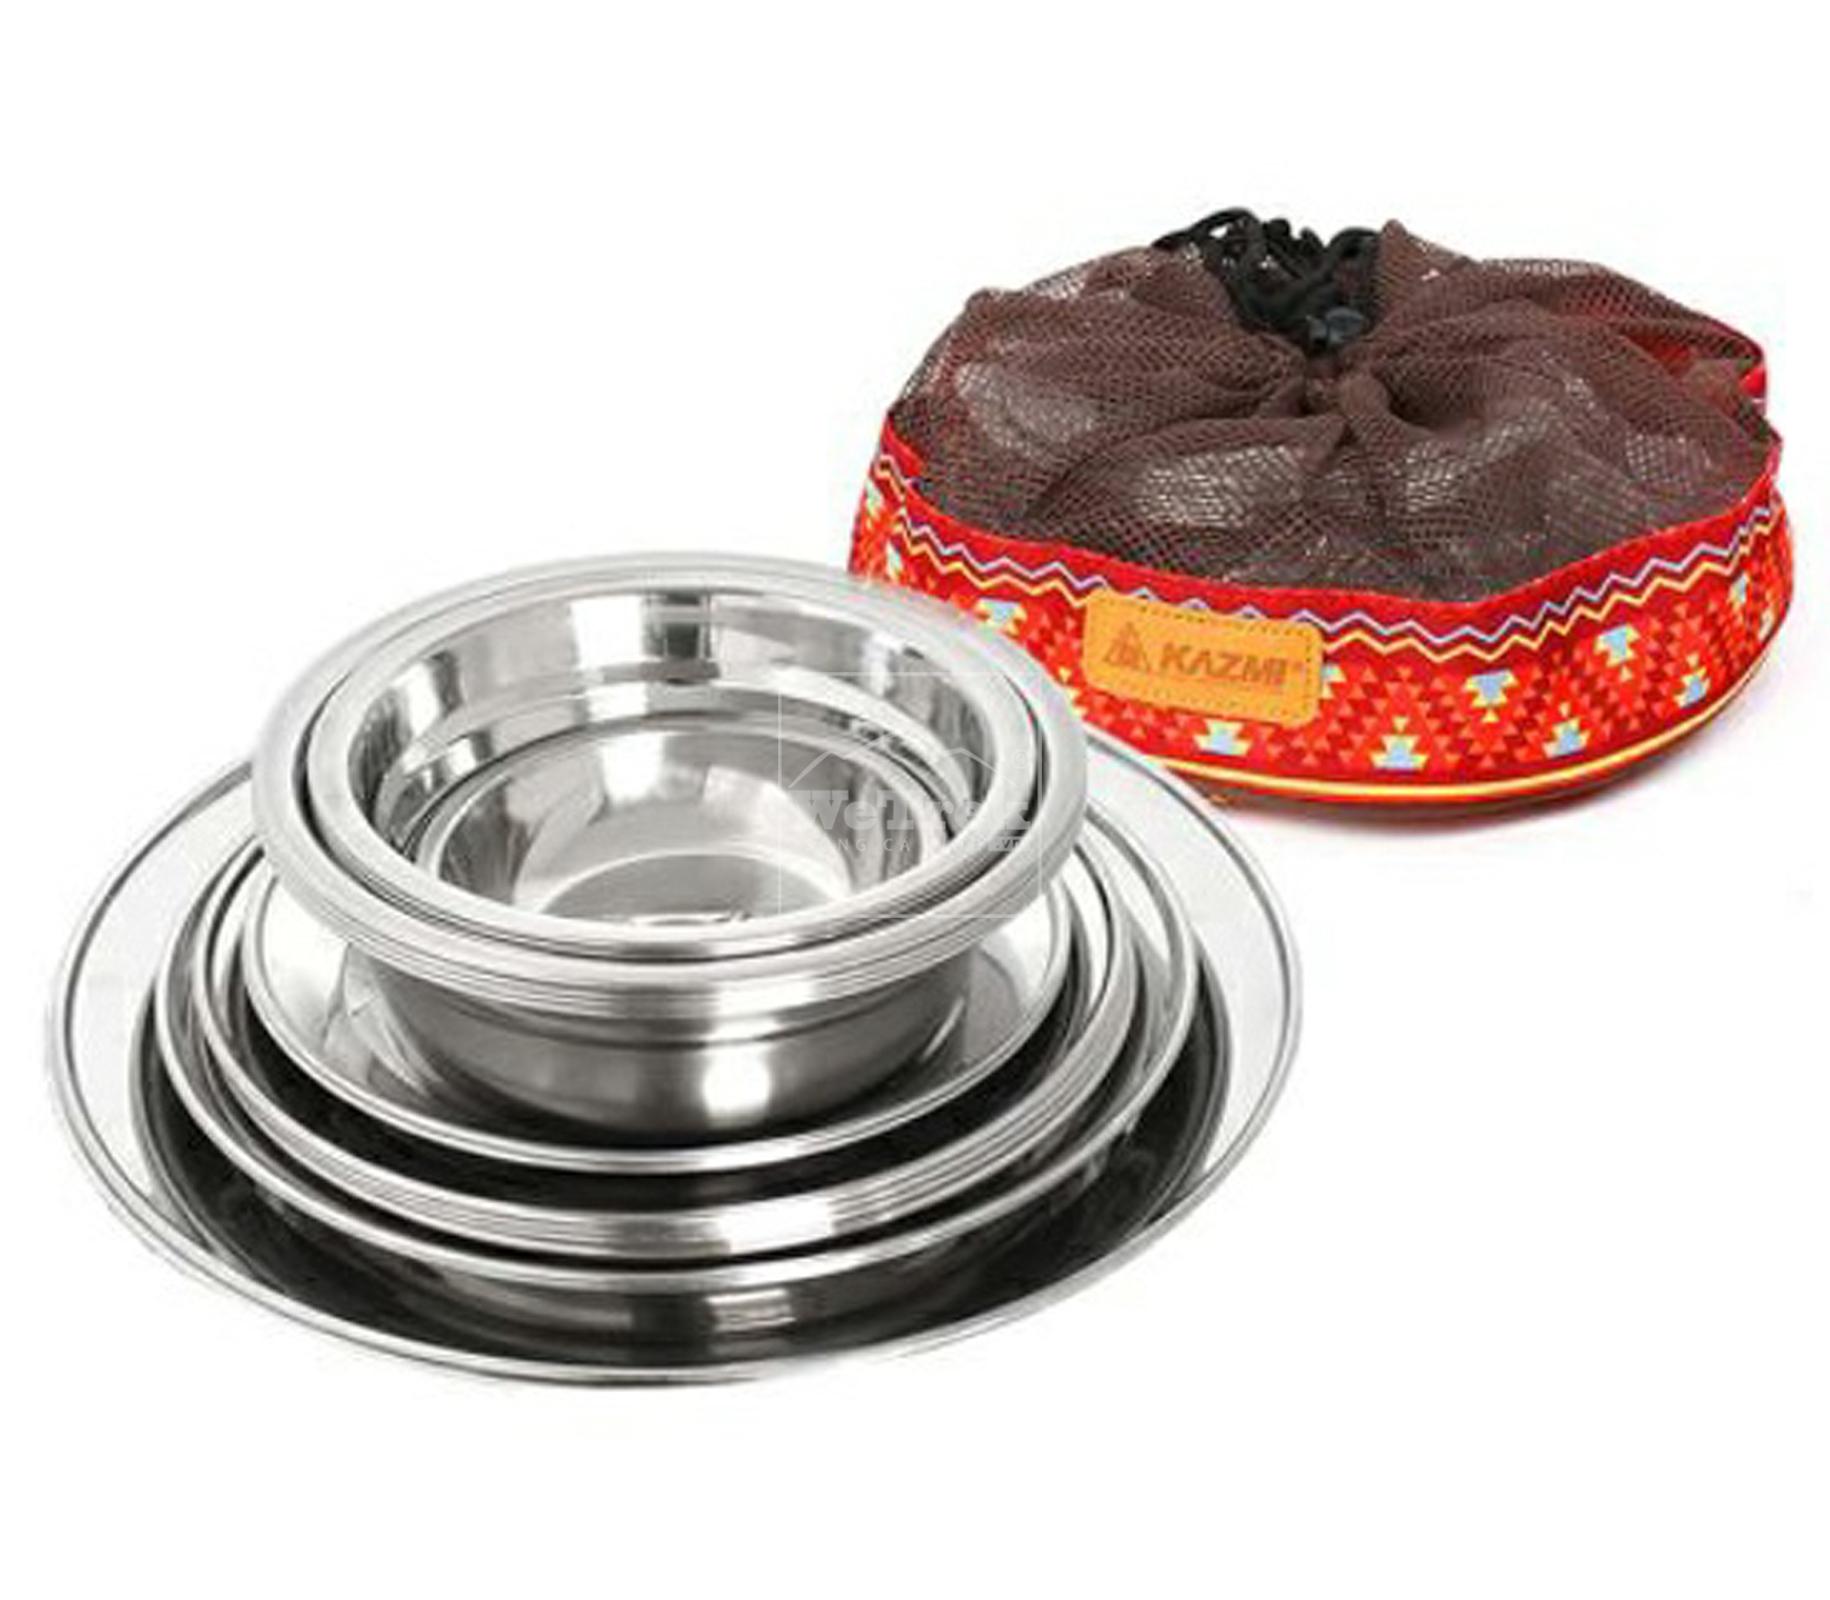 Bộ 22 bát đĩa cắm trại Kazmi K4T3K001 - 9438